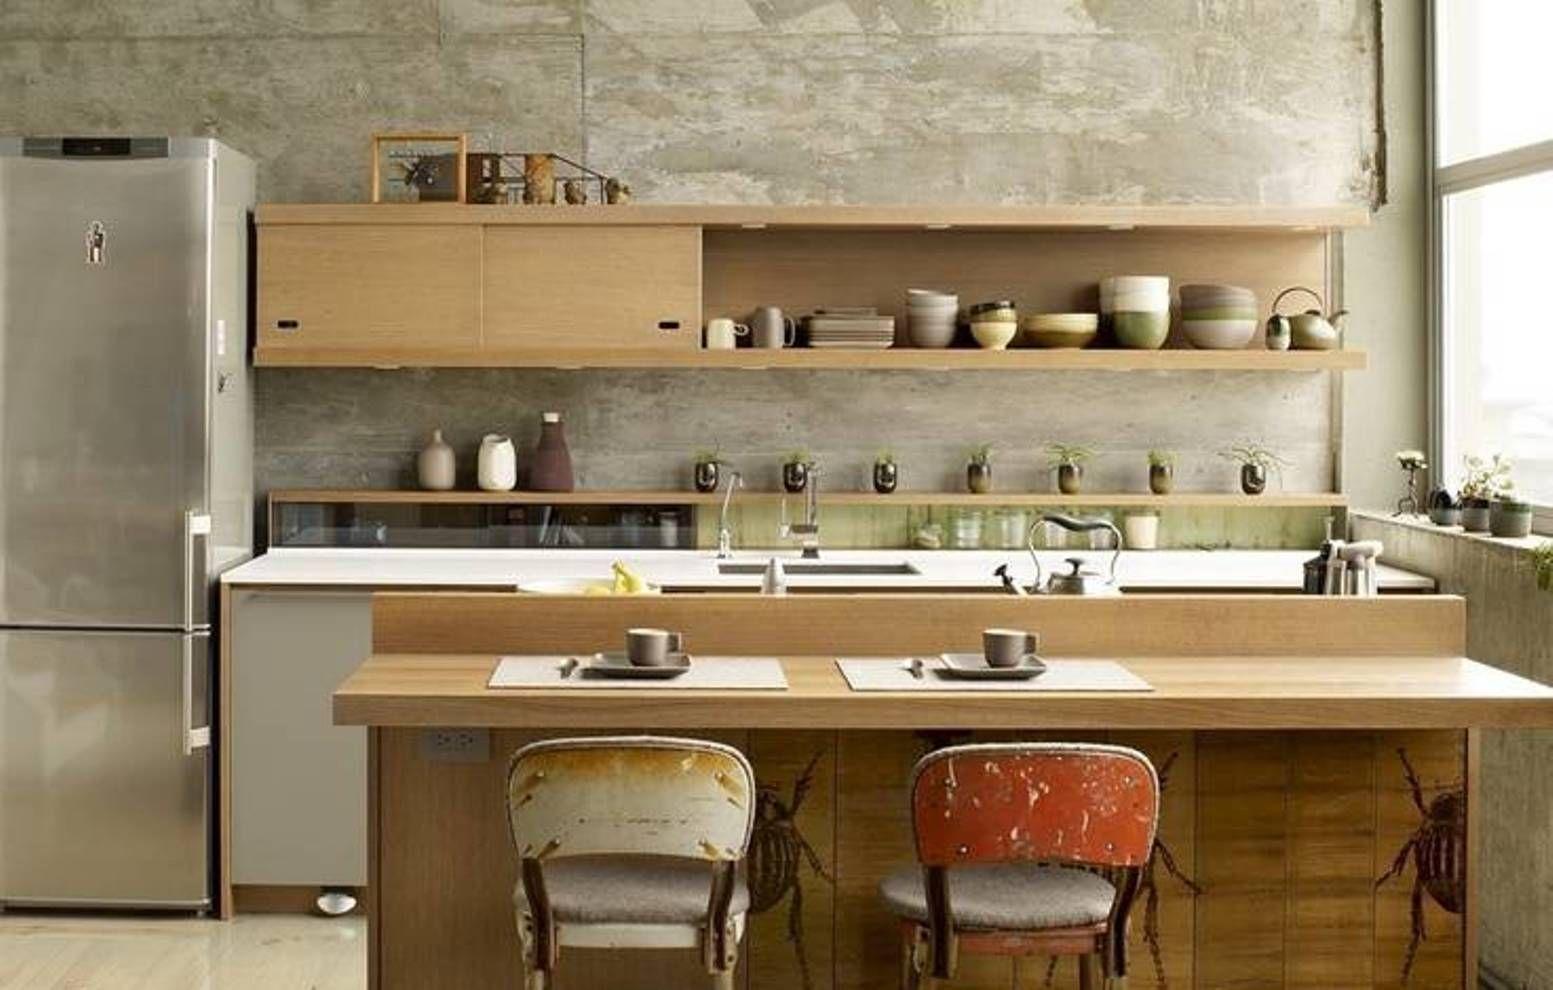 Retro Modern Japanese Style Kitchen Kuchen Design Retro Kuche